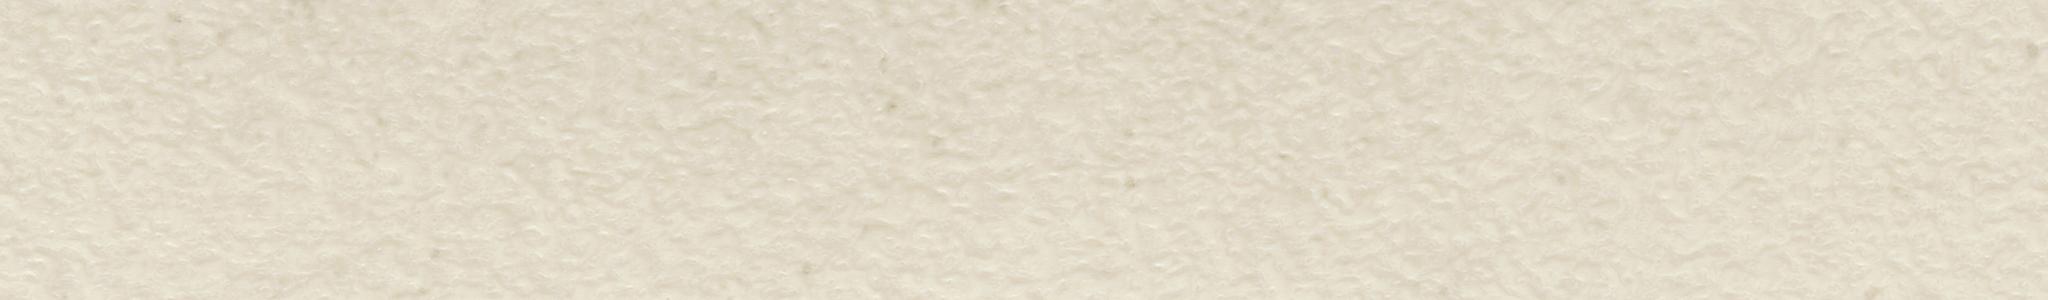 HD 297981 ABS Kante Dekor Sahara